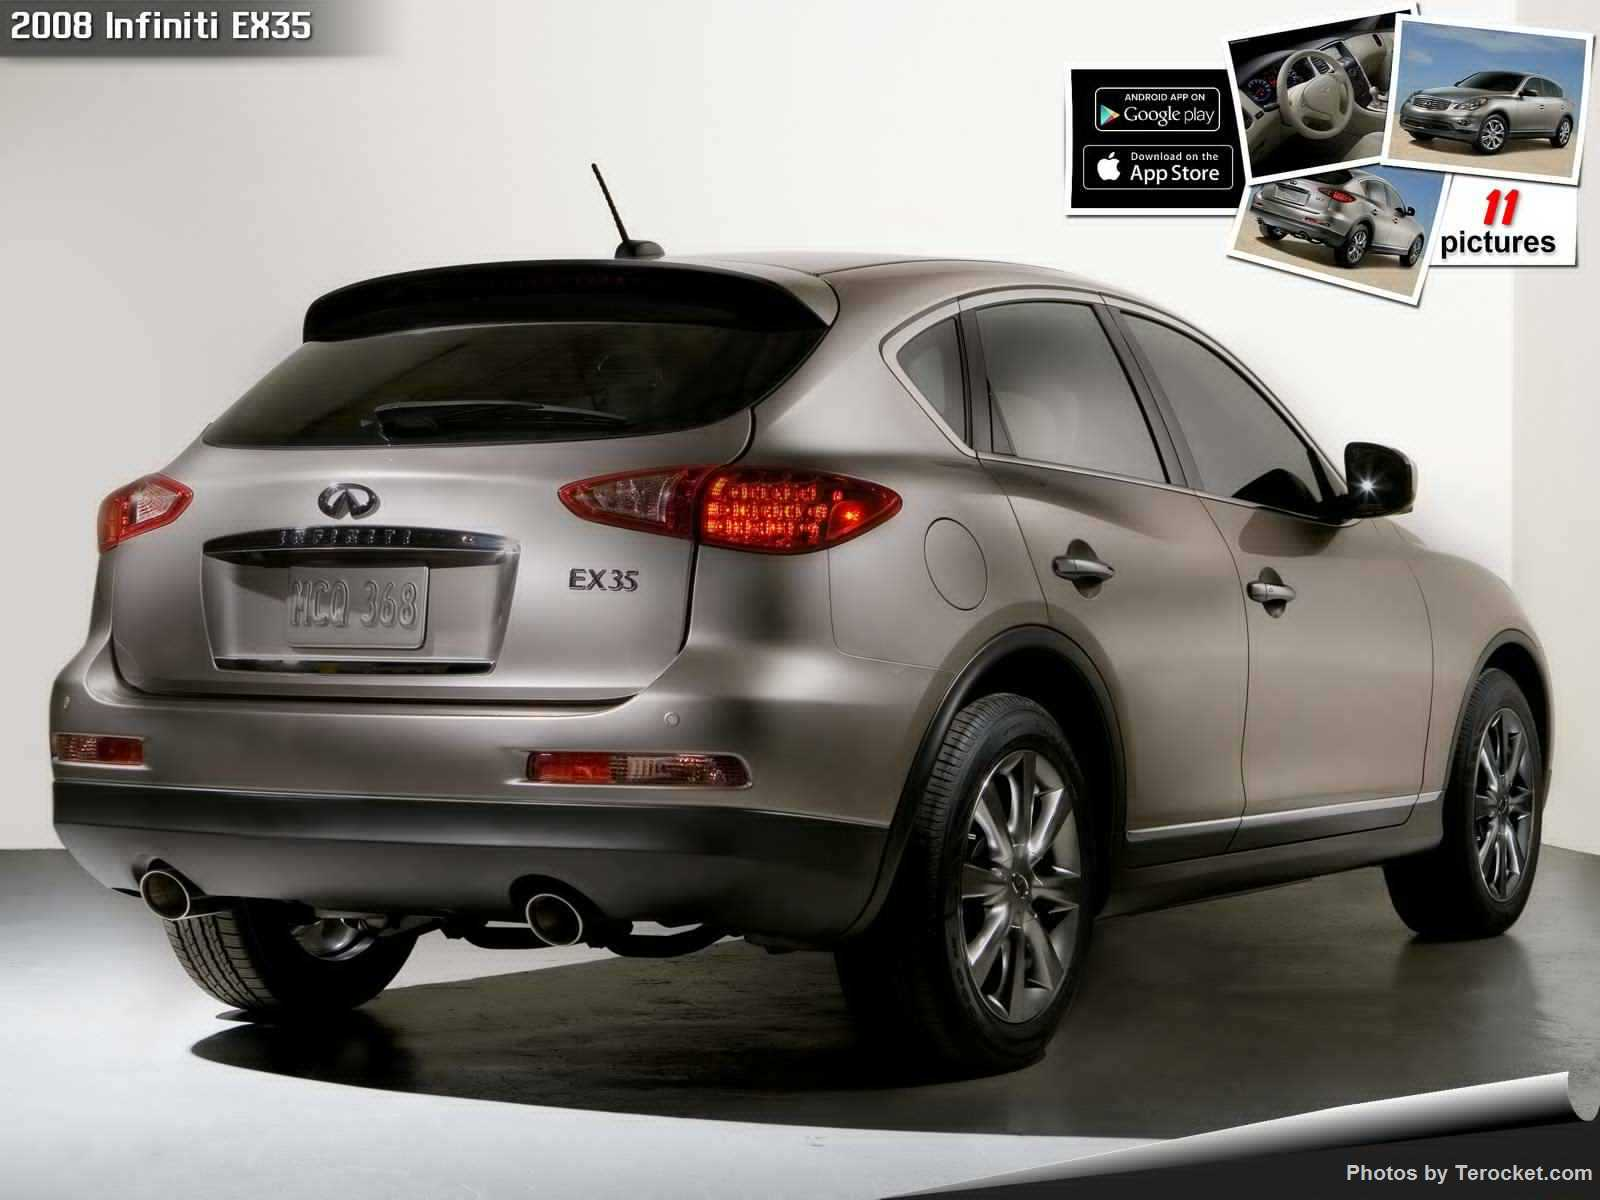 Hình ảnh xe ô tô Infiniti EX35 2008 & nội ngoại thất